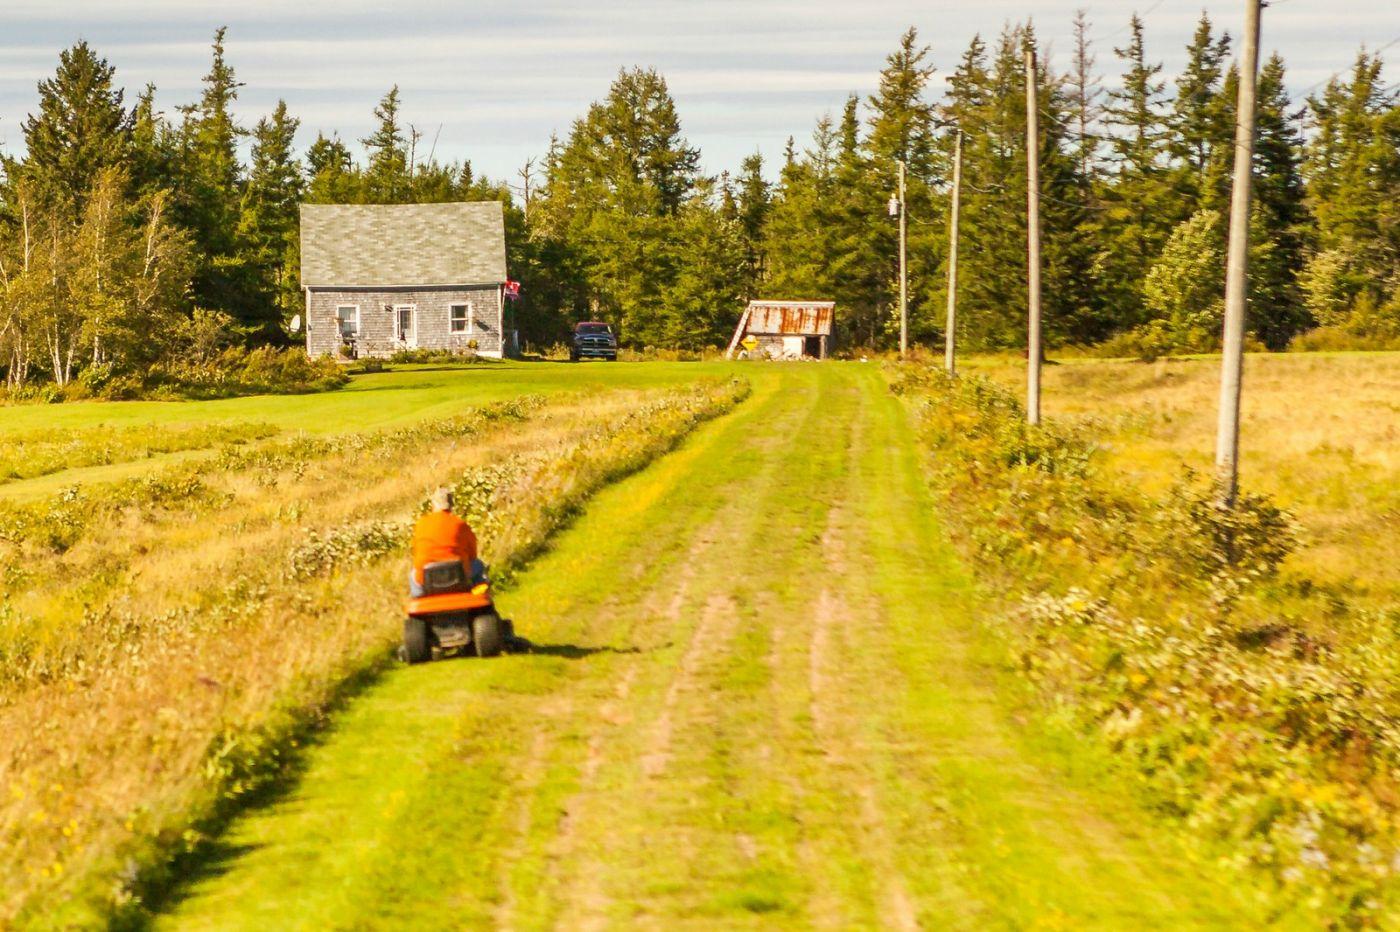 加拿大旅途,乡村的幸福生活_图1-21